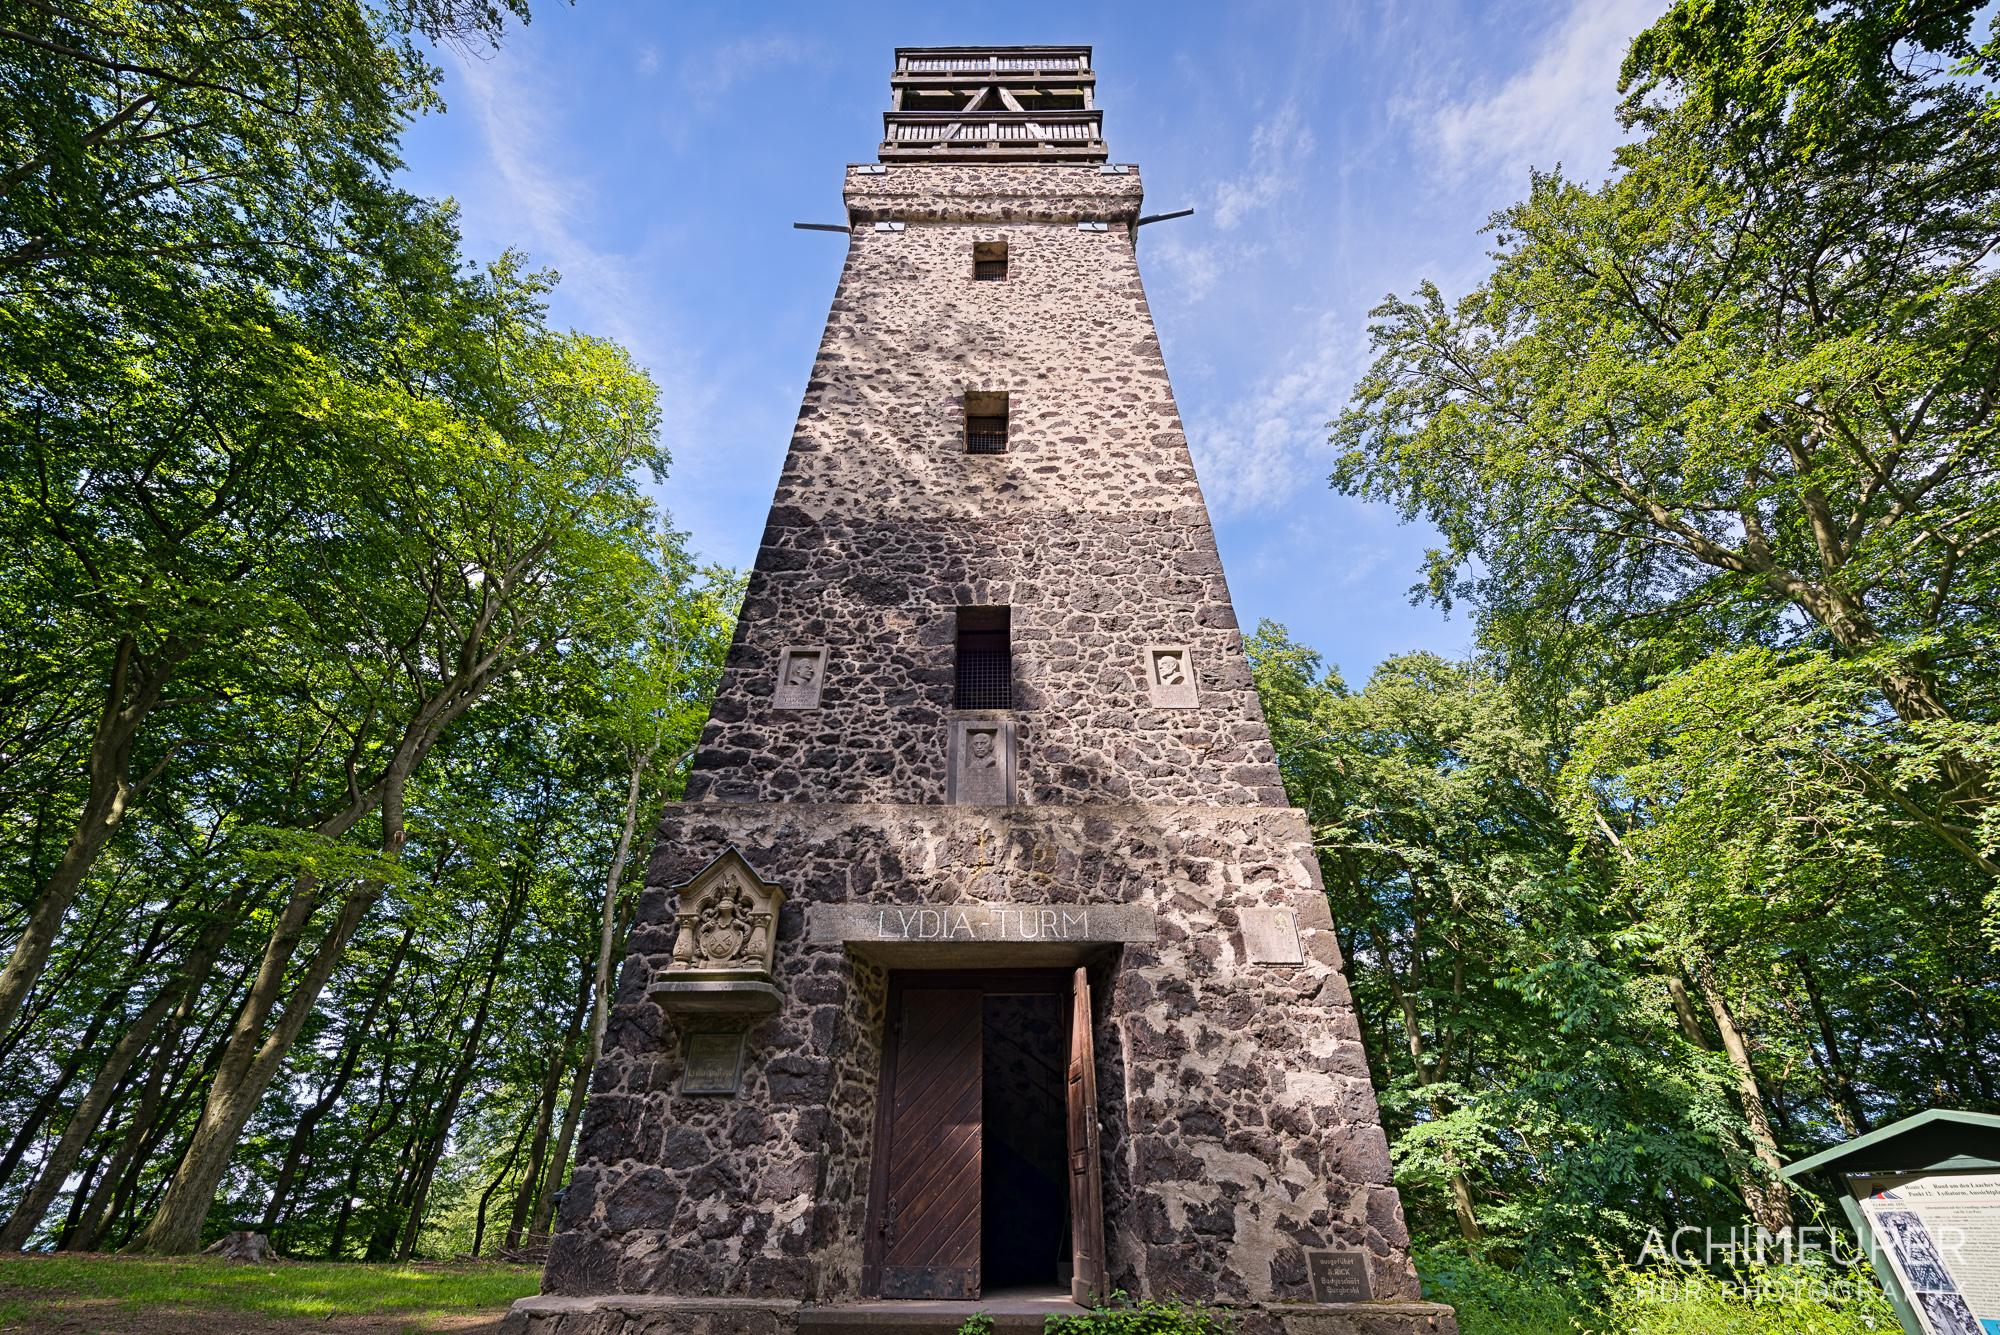 Eifel-Rheinland-Pfalz-Brohltal_5851_50_49_48_47_HDR